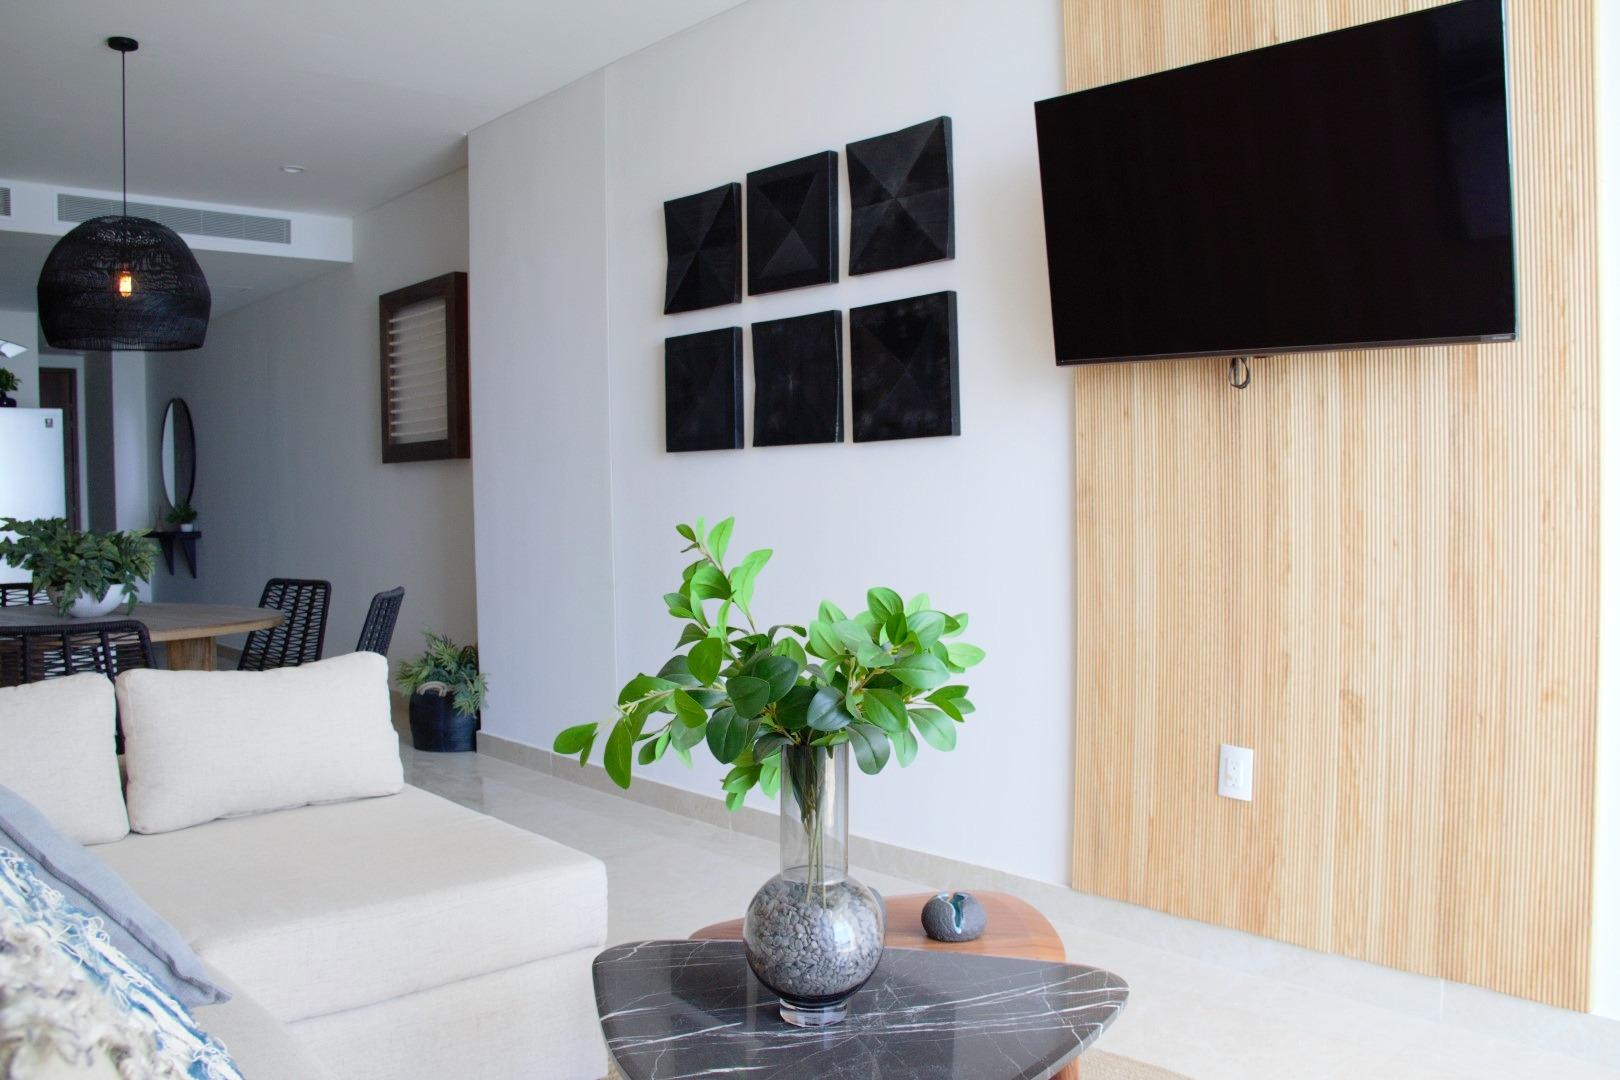 Smart TV for streaming programming.